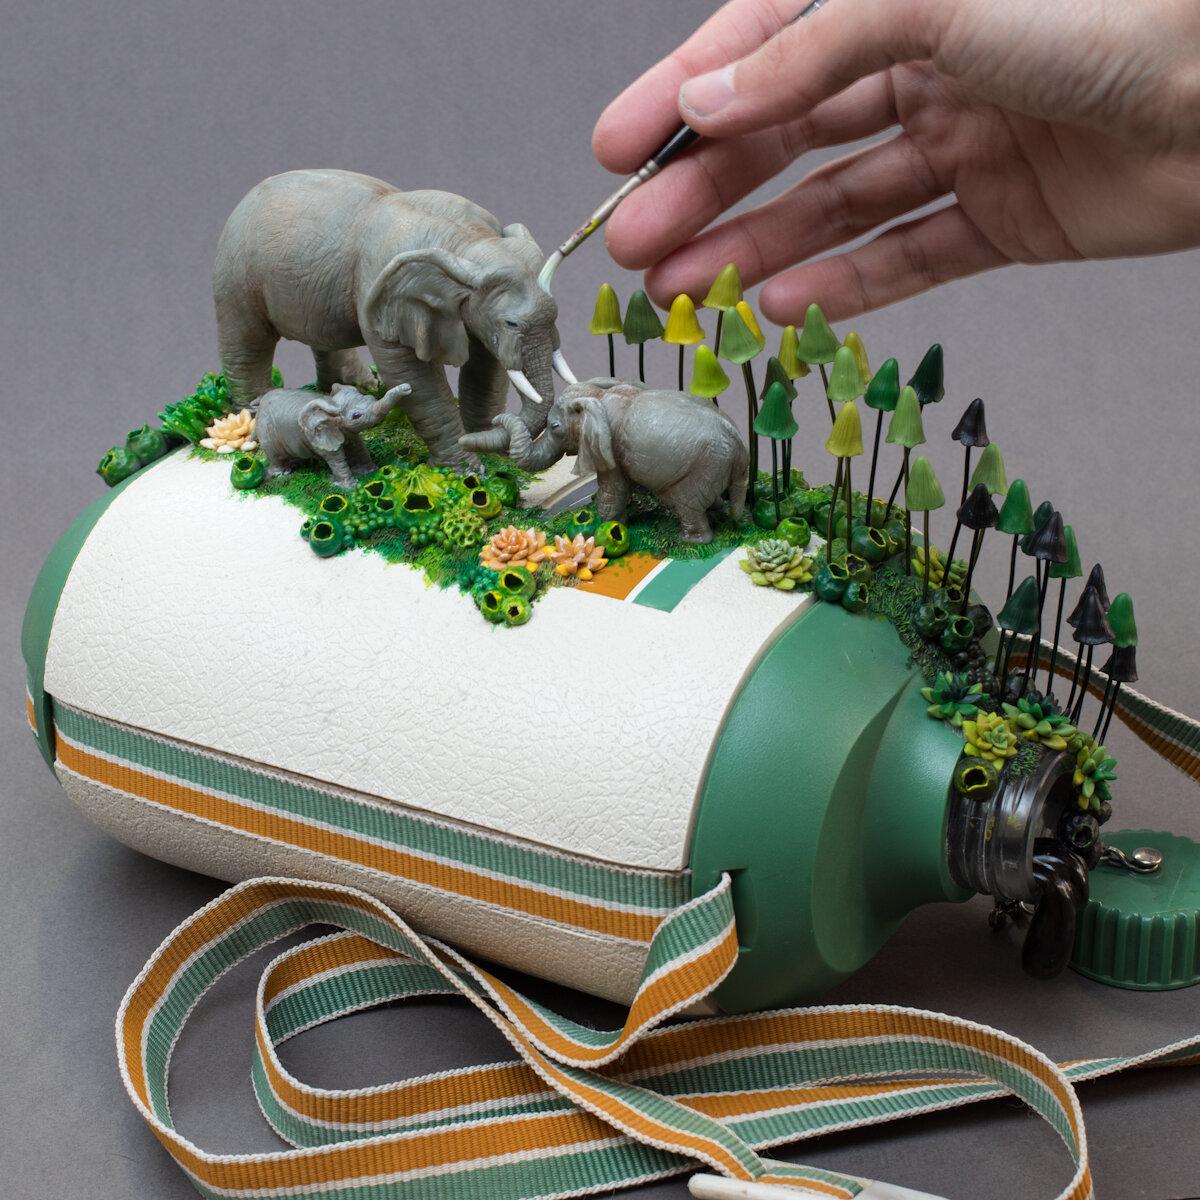 母亲(大象),节俭的塑料食堂雕塑,2019年